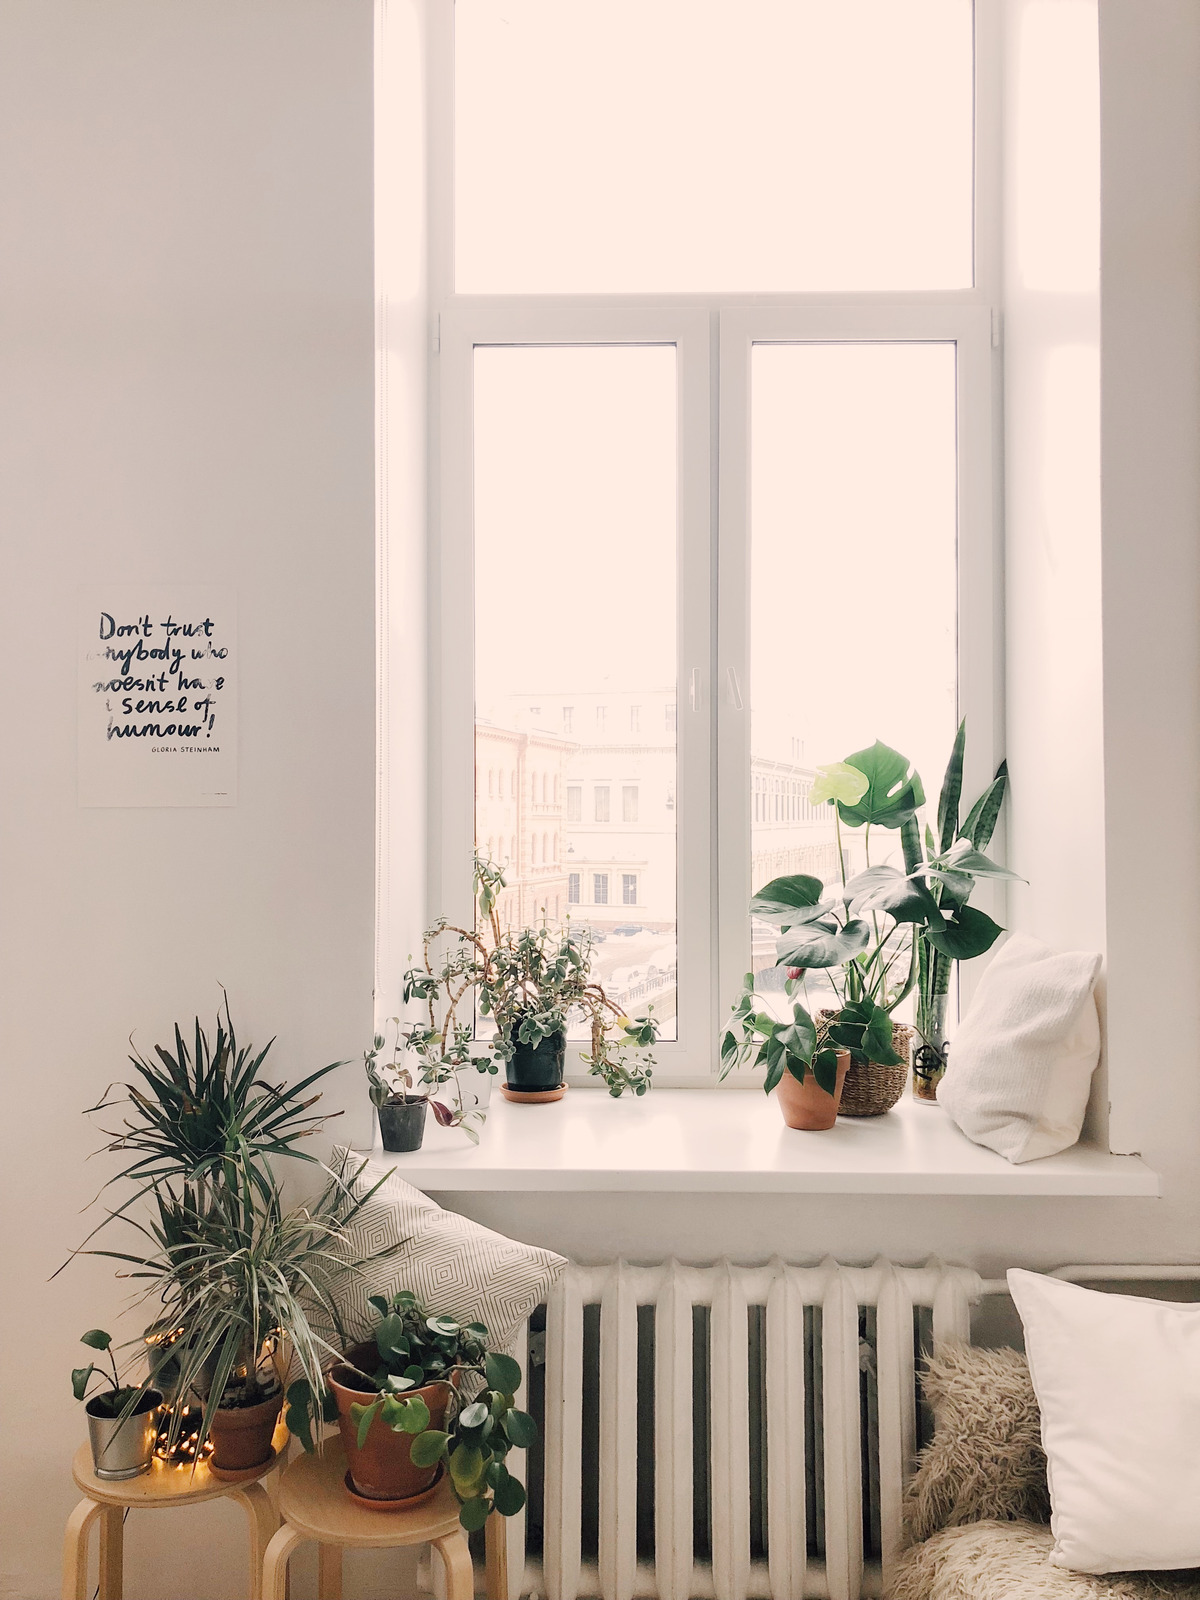 Foto by Daria Shevtsova vía Pexels